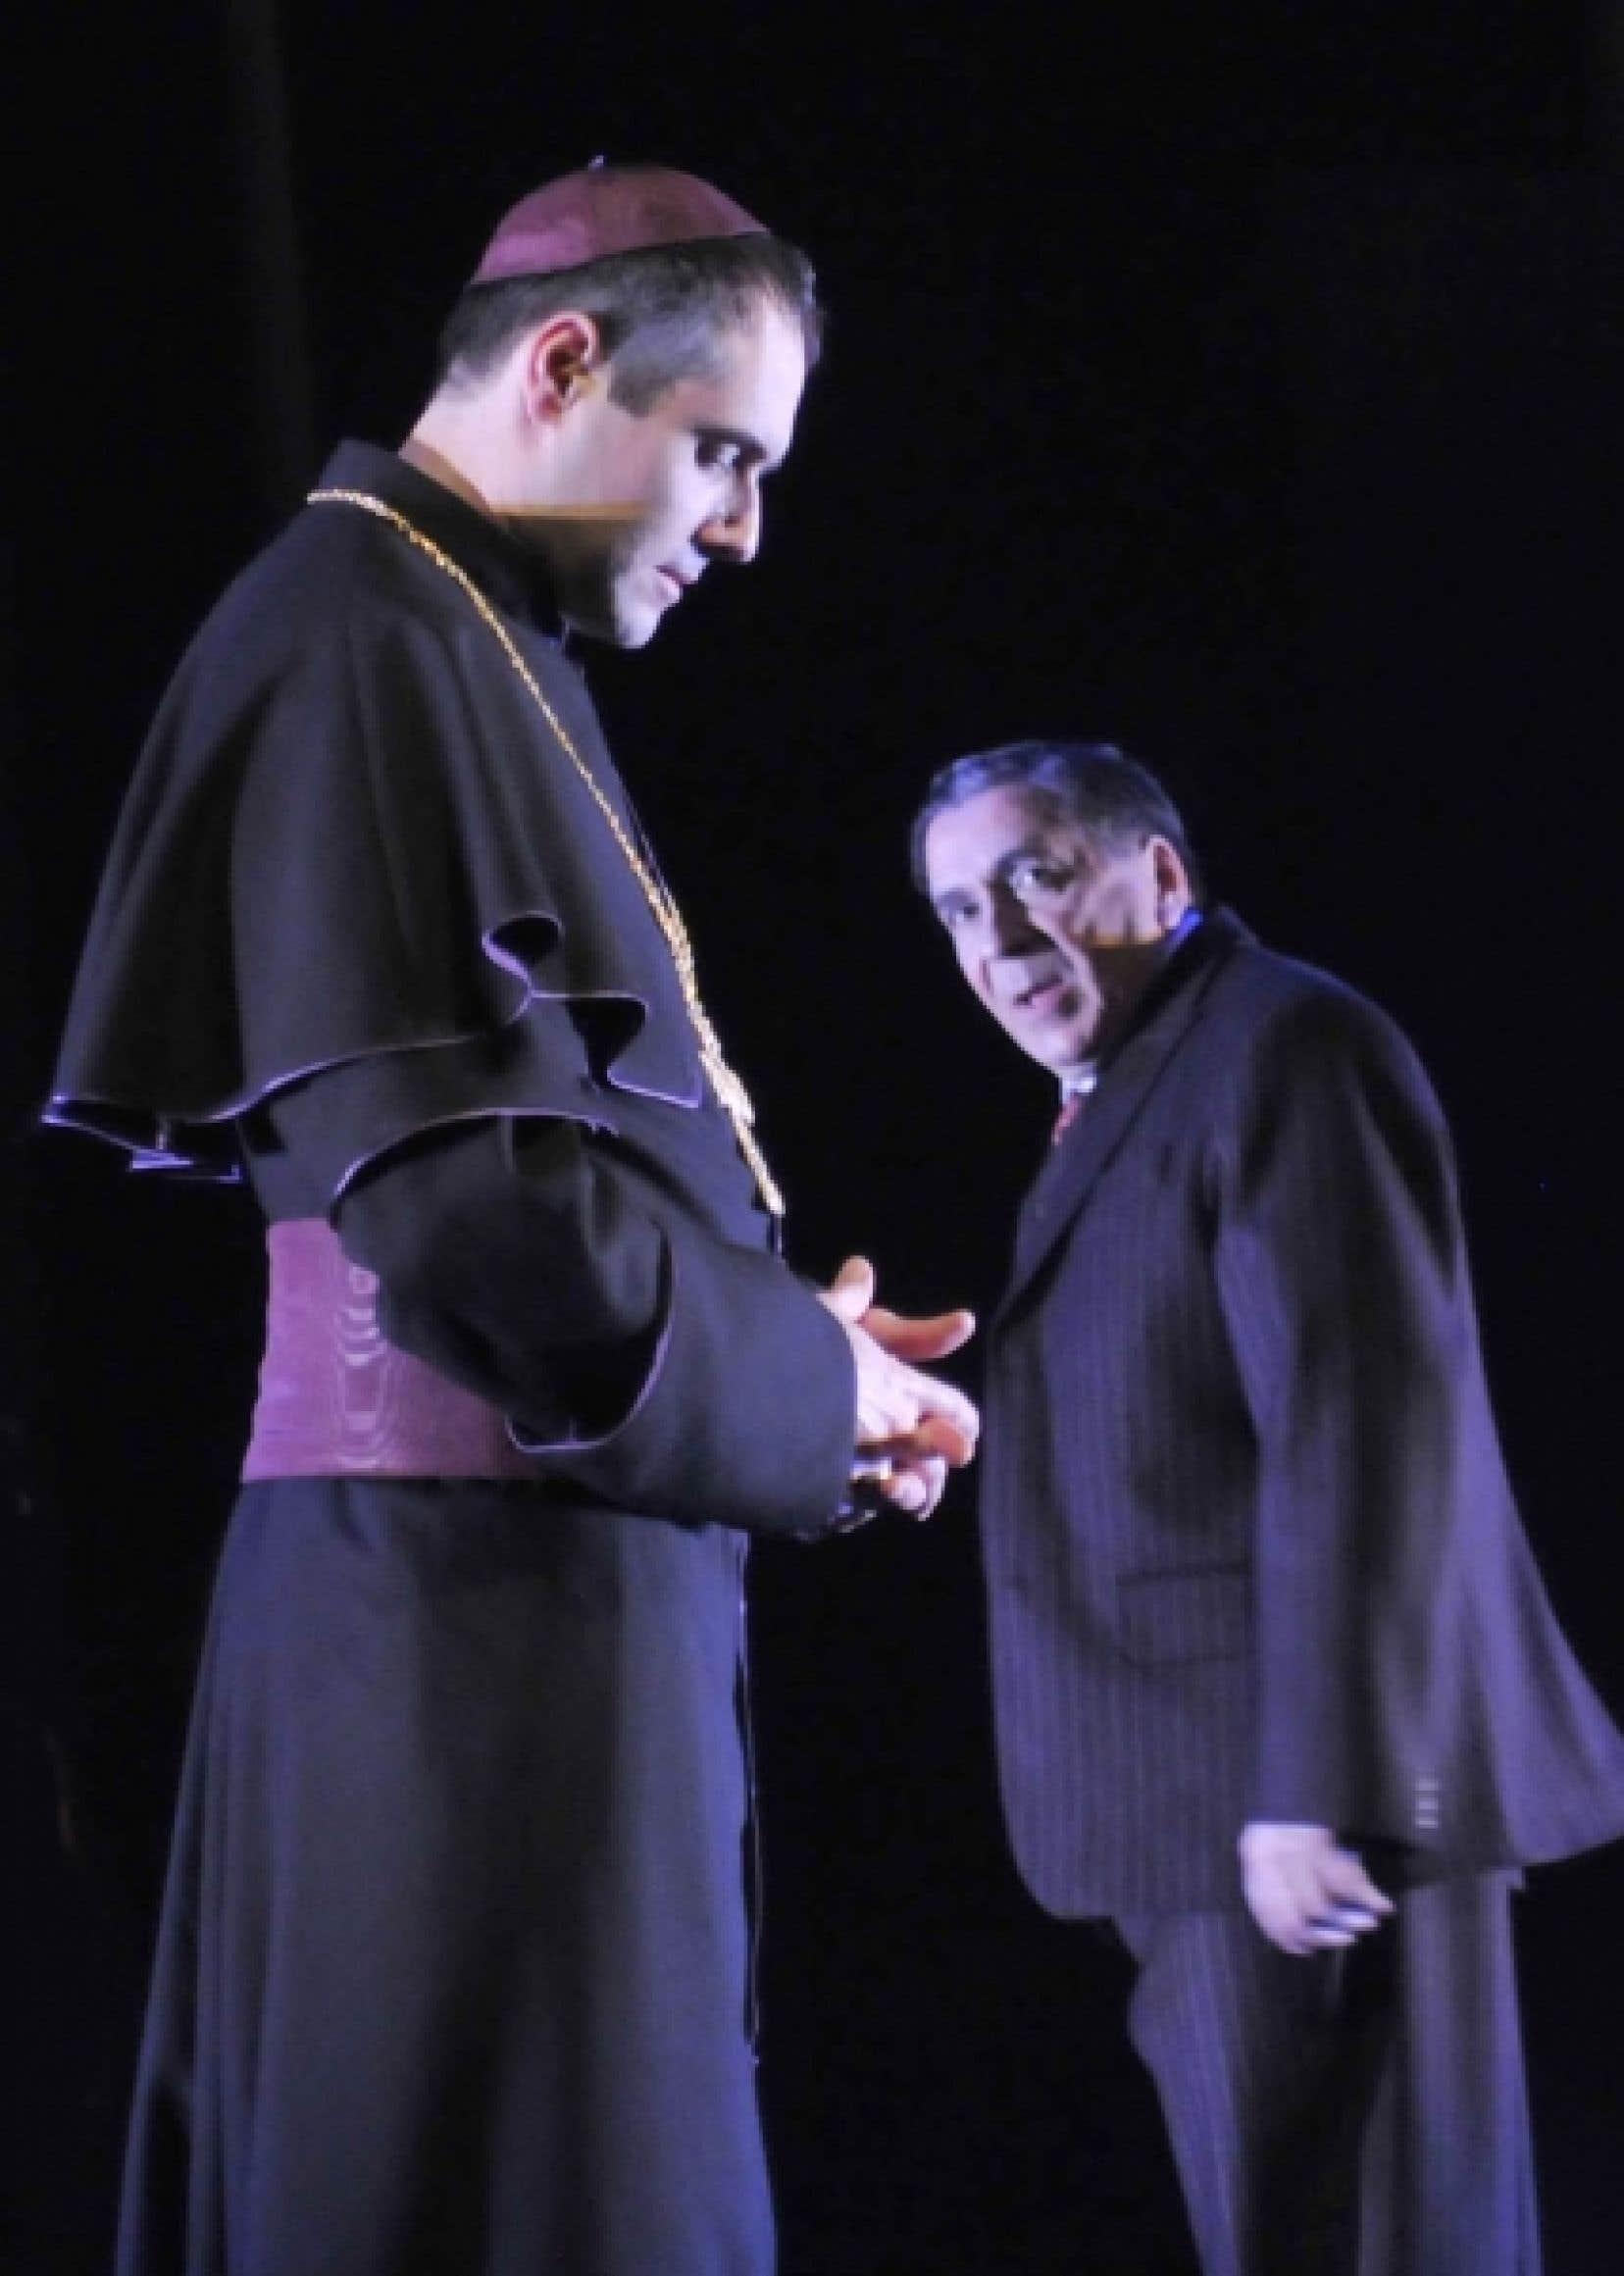 Dans Charbonneau et le Chef, les acteurs sont, à chaque instant, de terribles porteurs de mémoire collective et de merveilleux porteurs de tradition théâtrale.